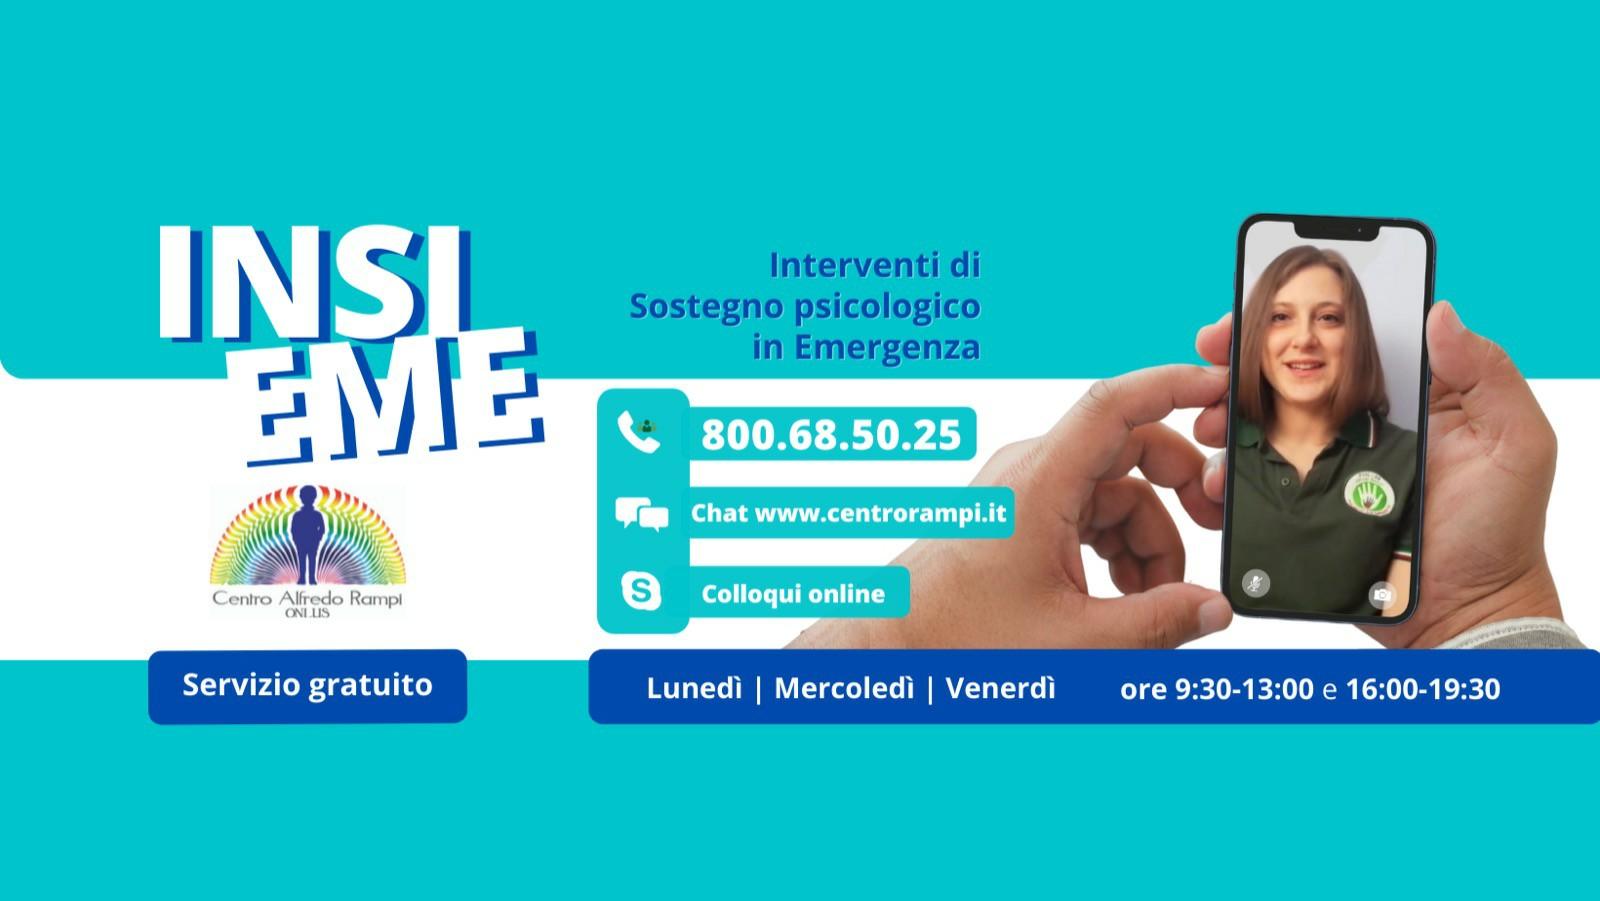 Insieme: servizio di supporto psicologico gratuito